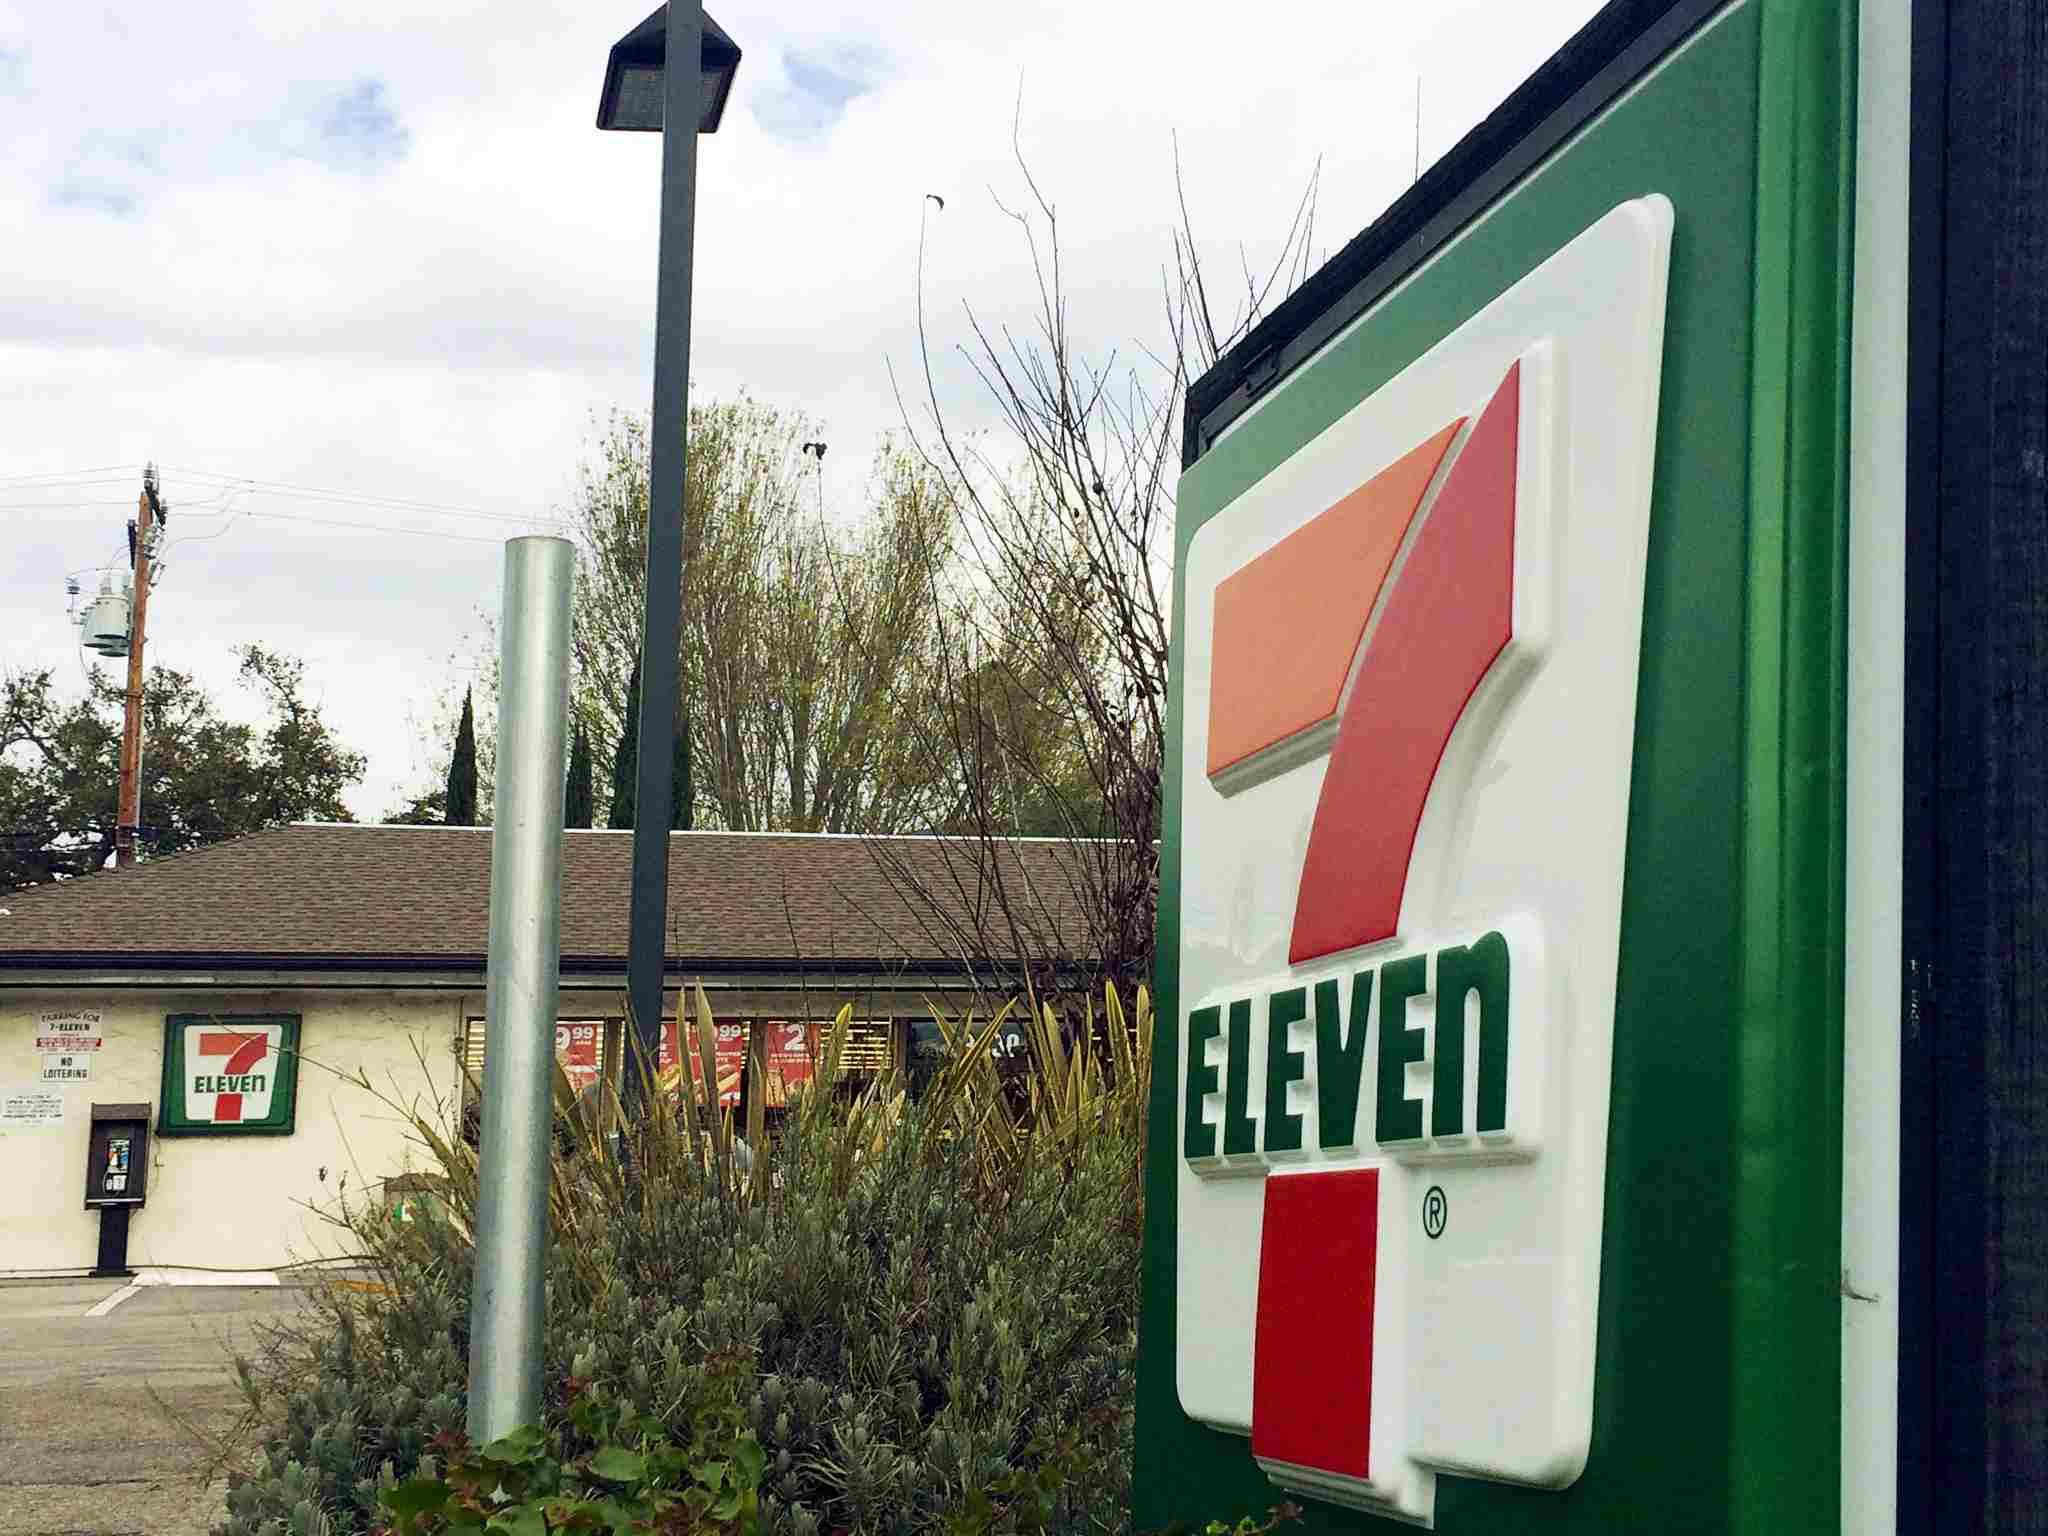 Negocio de 7-Eleven